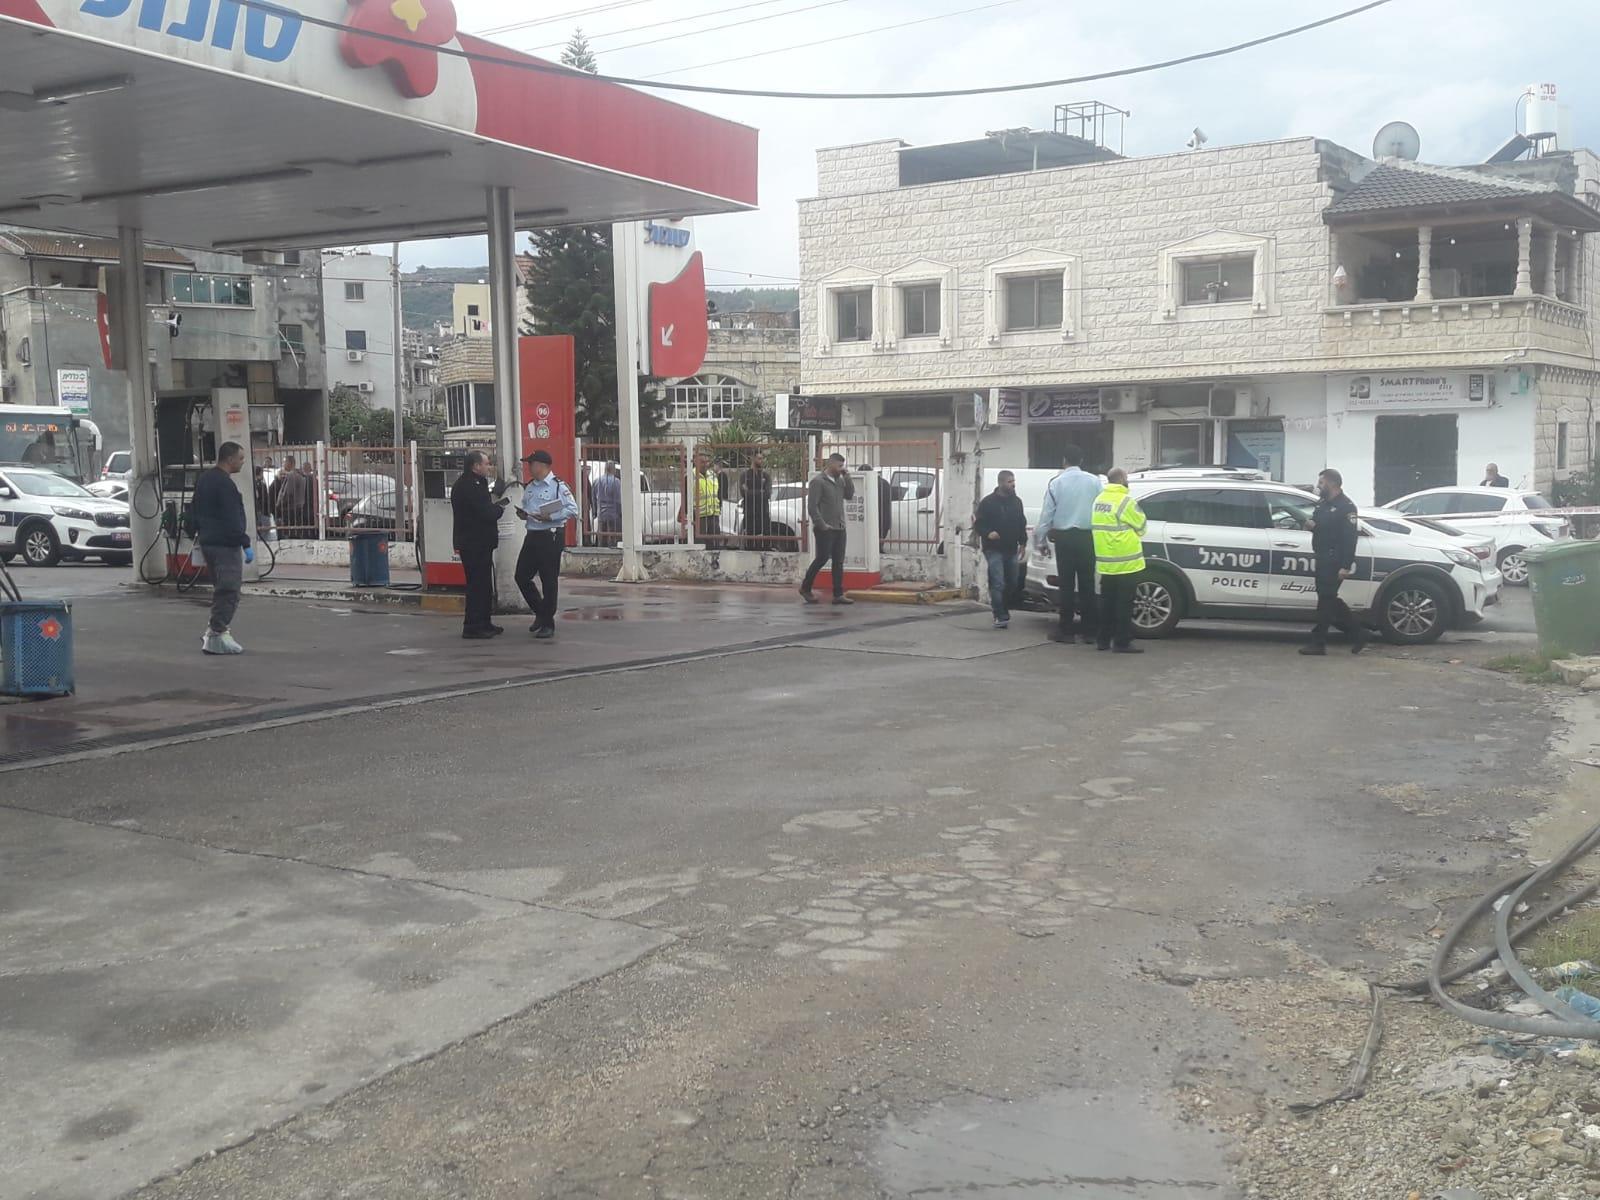 عرابة: مقتل زيد عاصلة في جريمة طعن واعتقال مشتبه